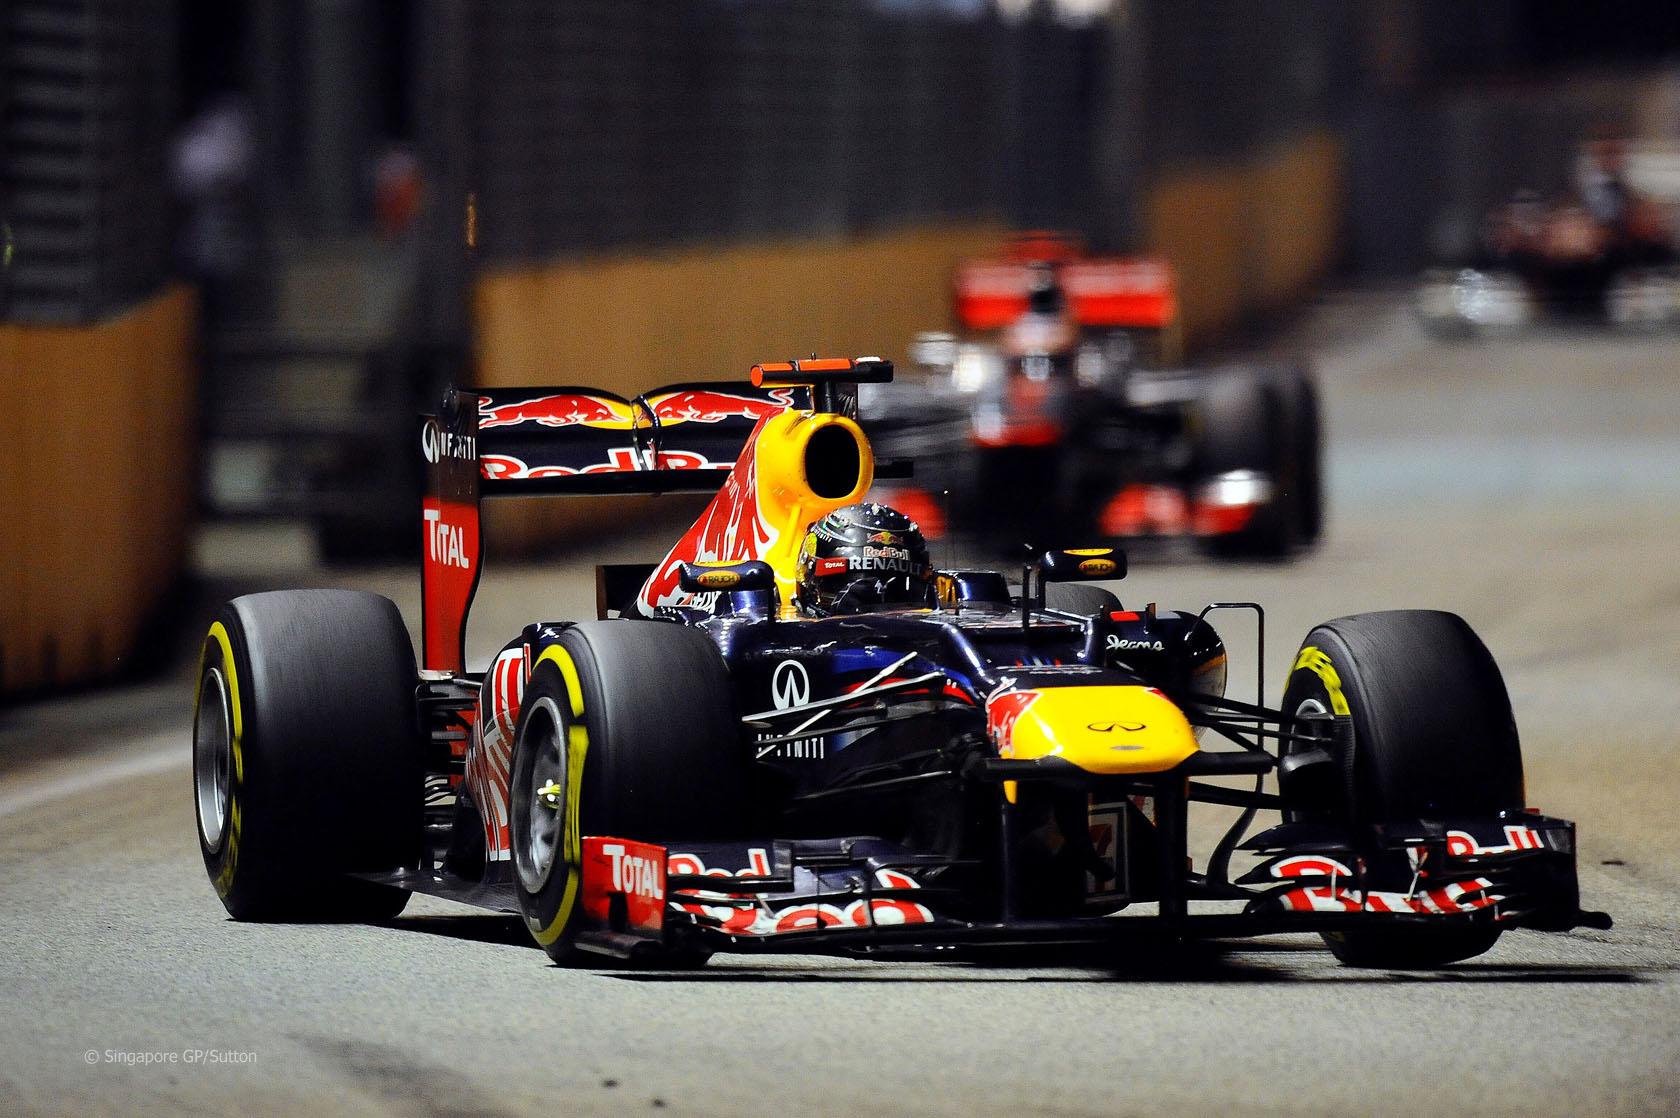 F1シンガポールGP 予選・決勝動画 : F1通信